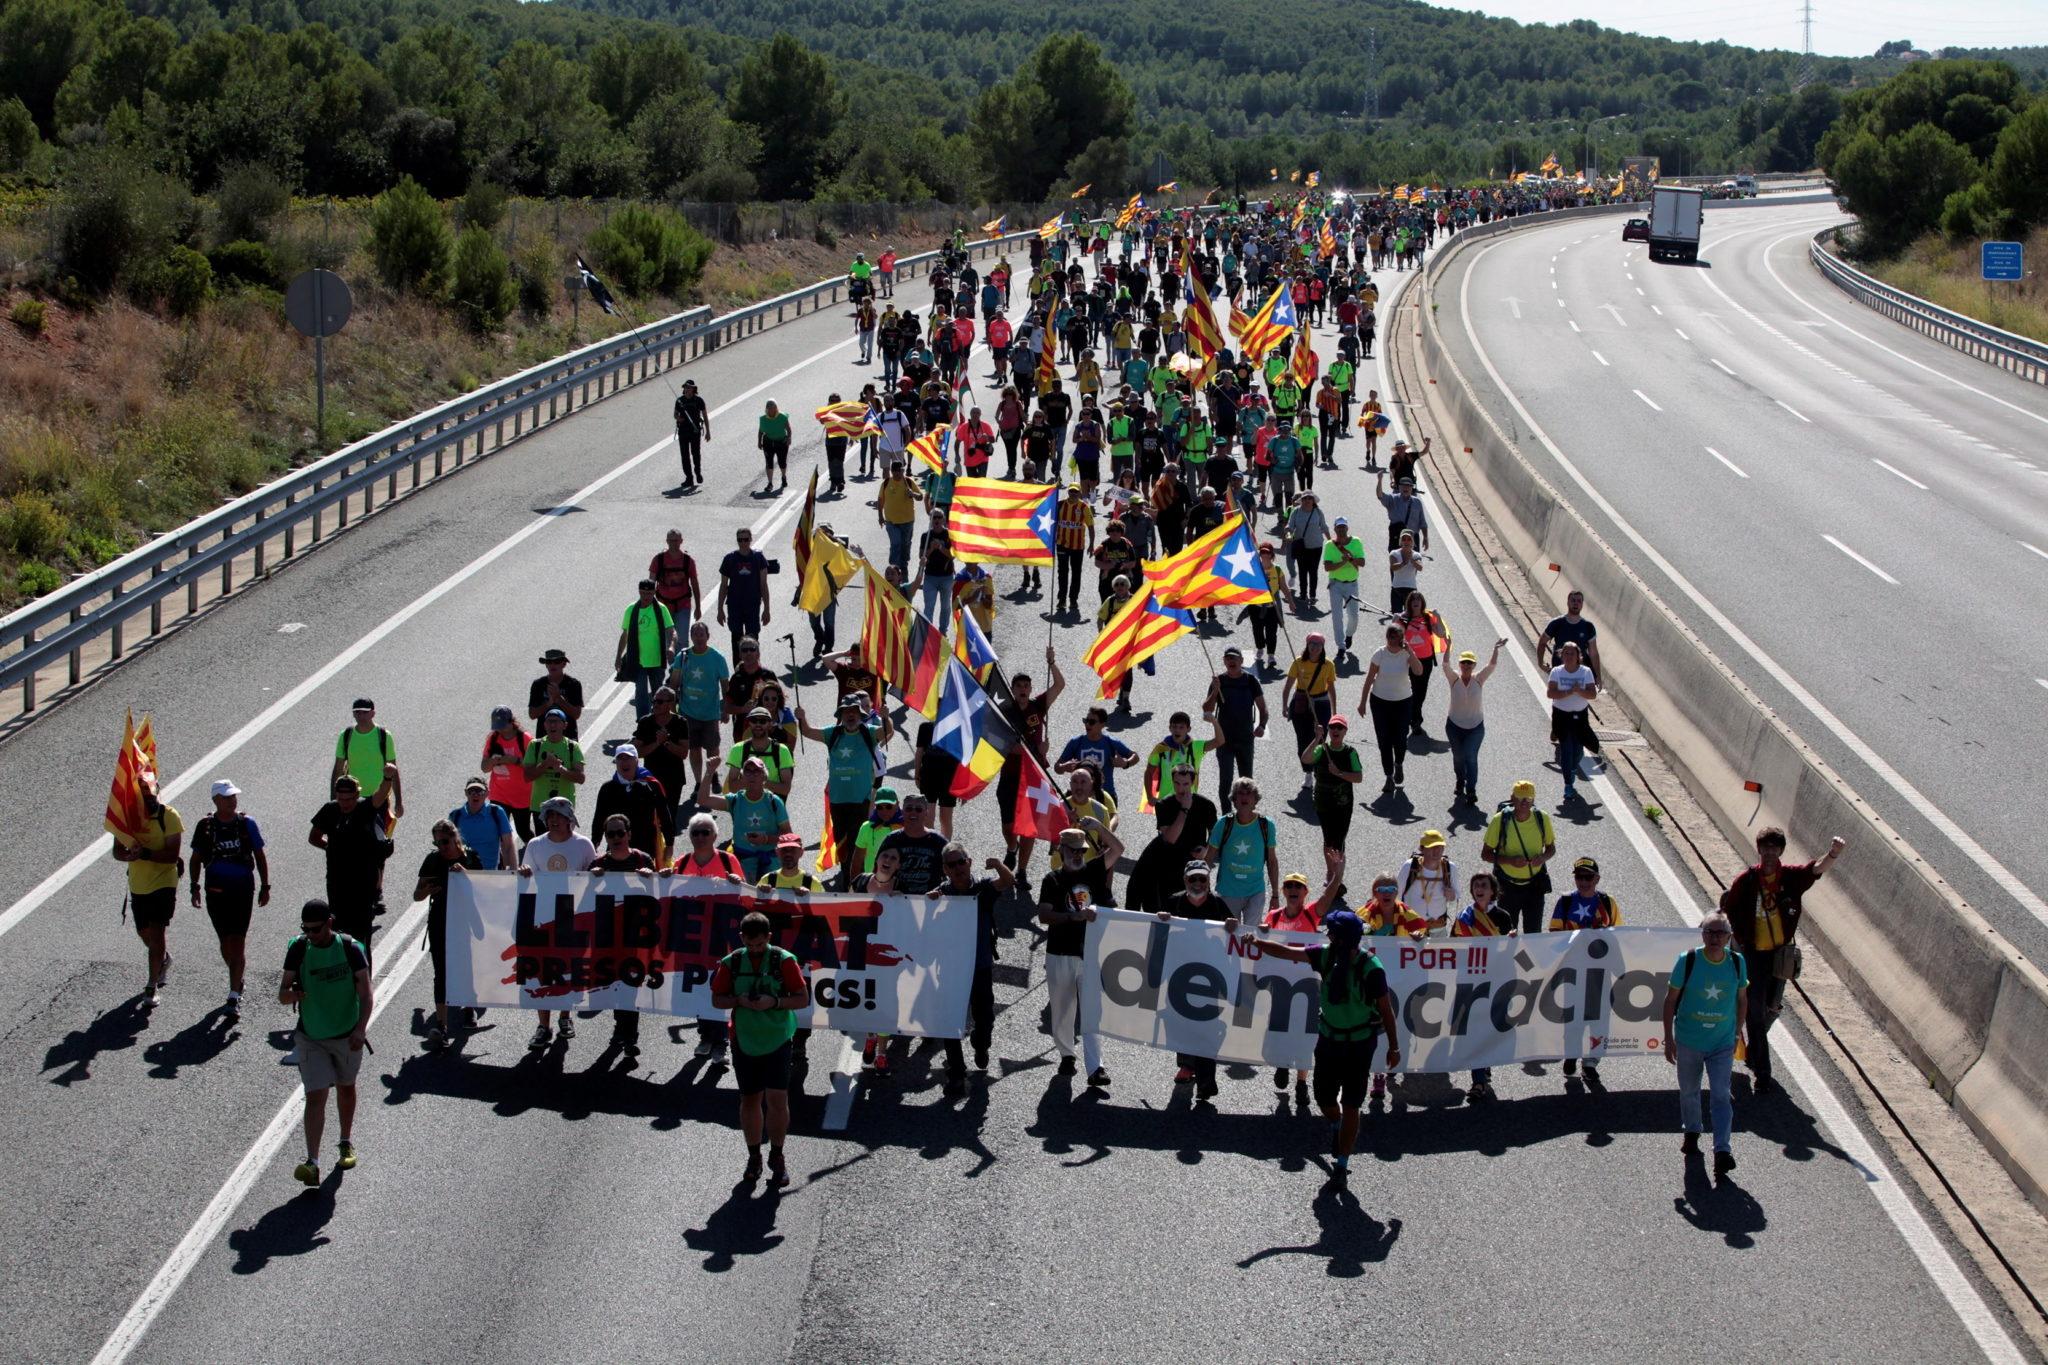 Protesty w Katalonii przybierają na sile. fot. EPA/Jaume Sellart